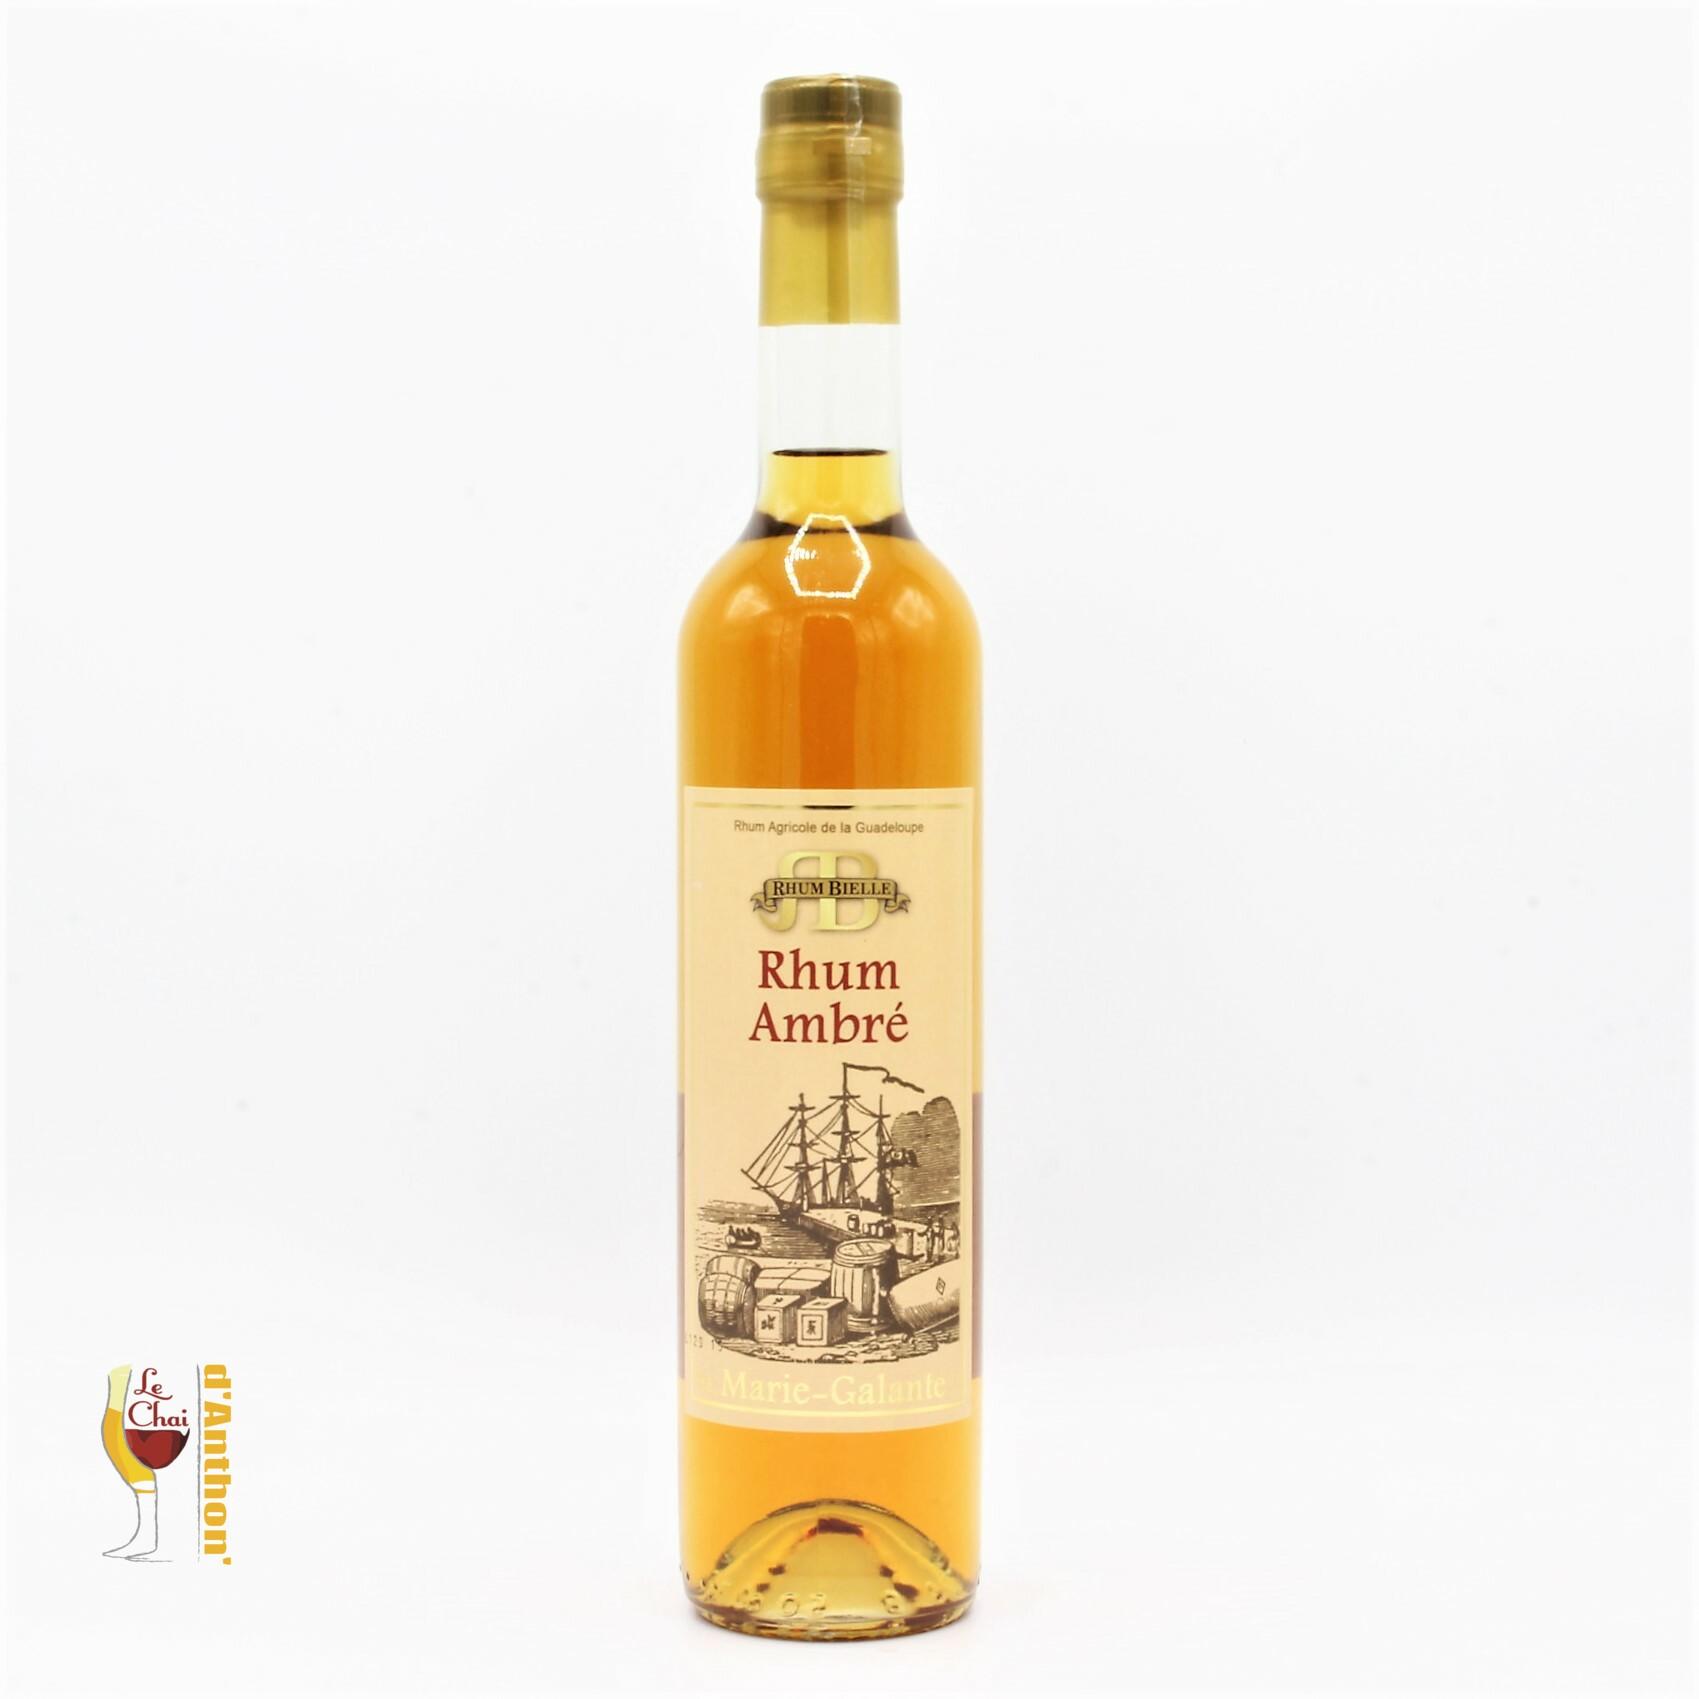 Le Chai D&932.JPG039;Anthon Spiritueux Rhum Ambre Agricole Guadeloupe Bielle Marie Galante 50cl 932